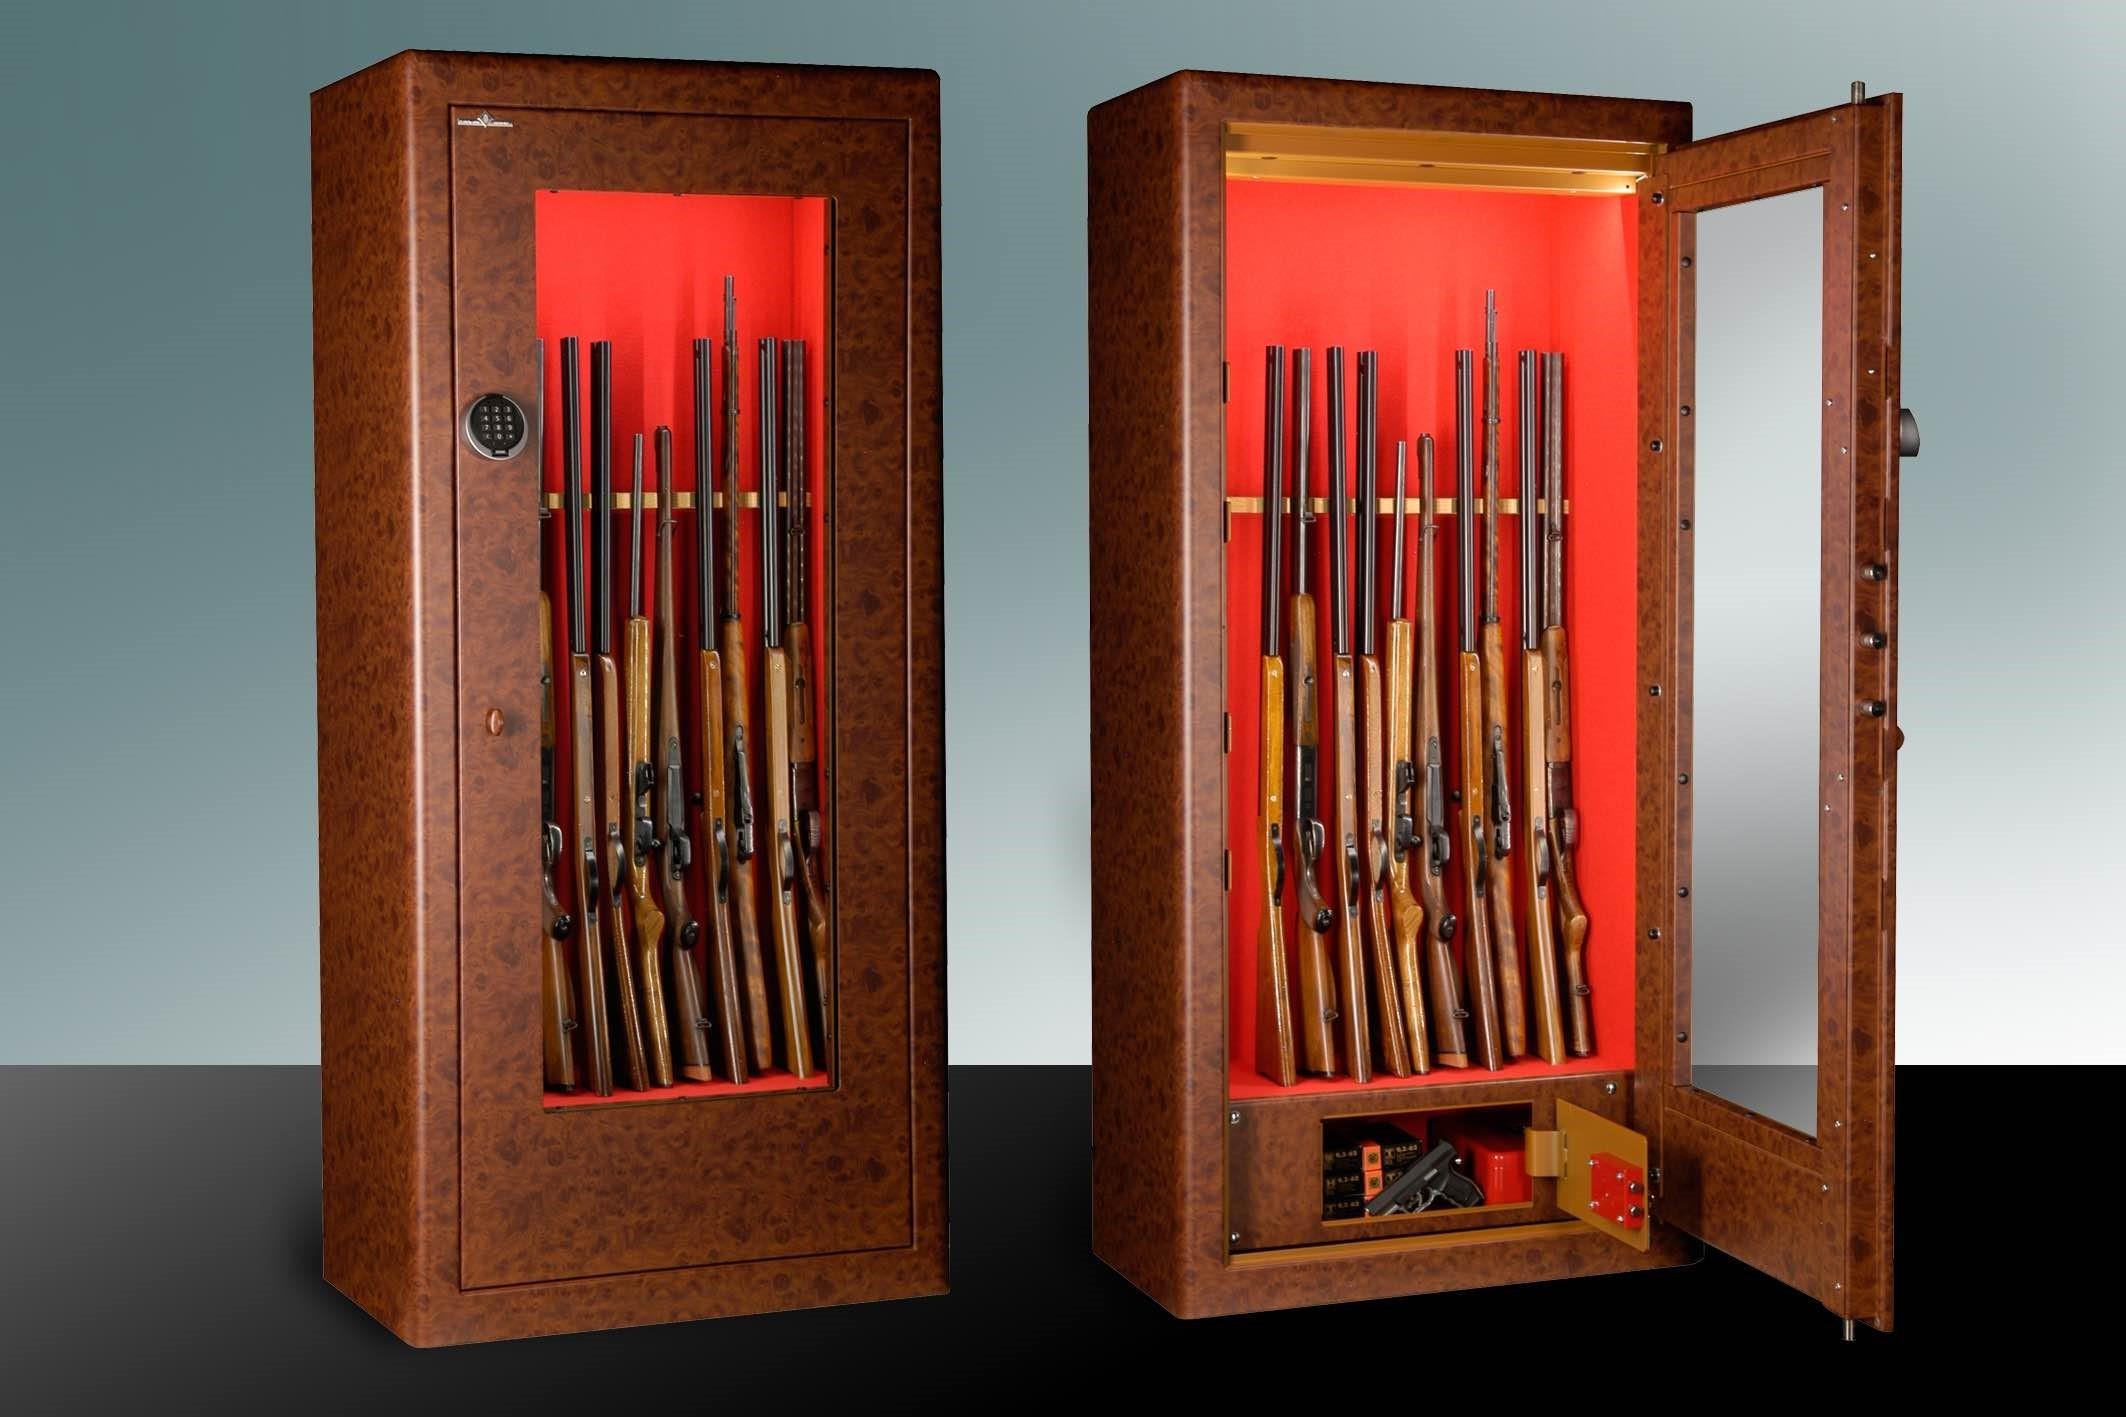 Gute aufbewahrt im gläsernen Tresor: Ob aufwendig gefertigte Waffe oder antikes Sammlerstück.